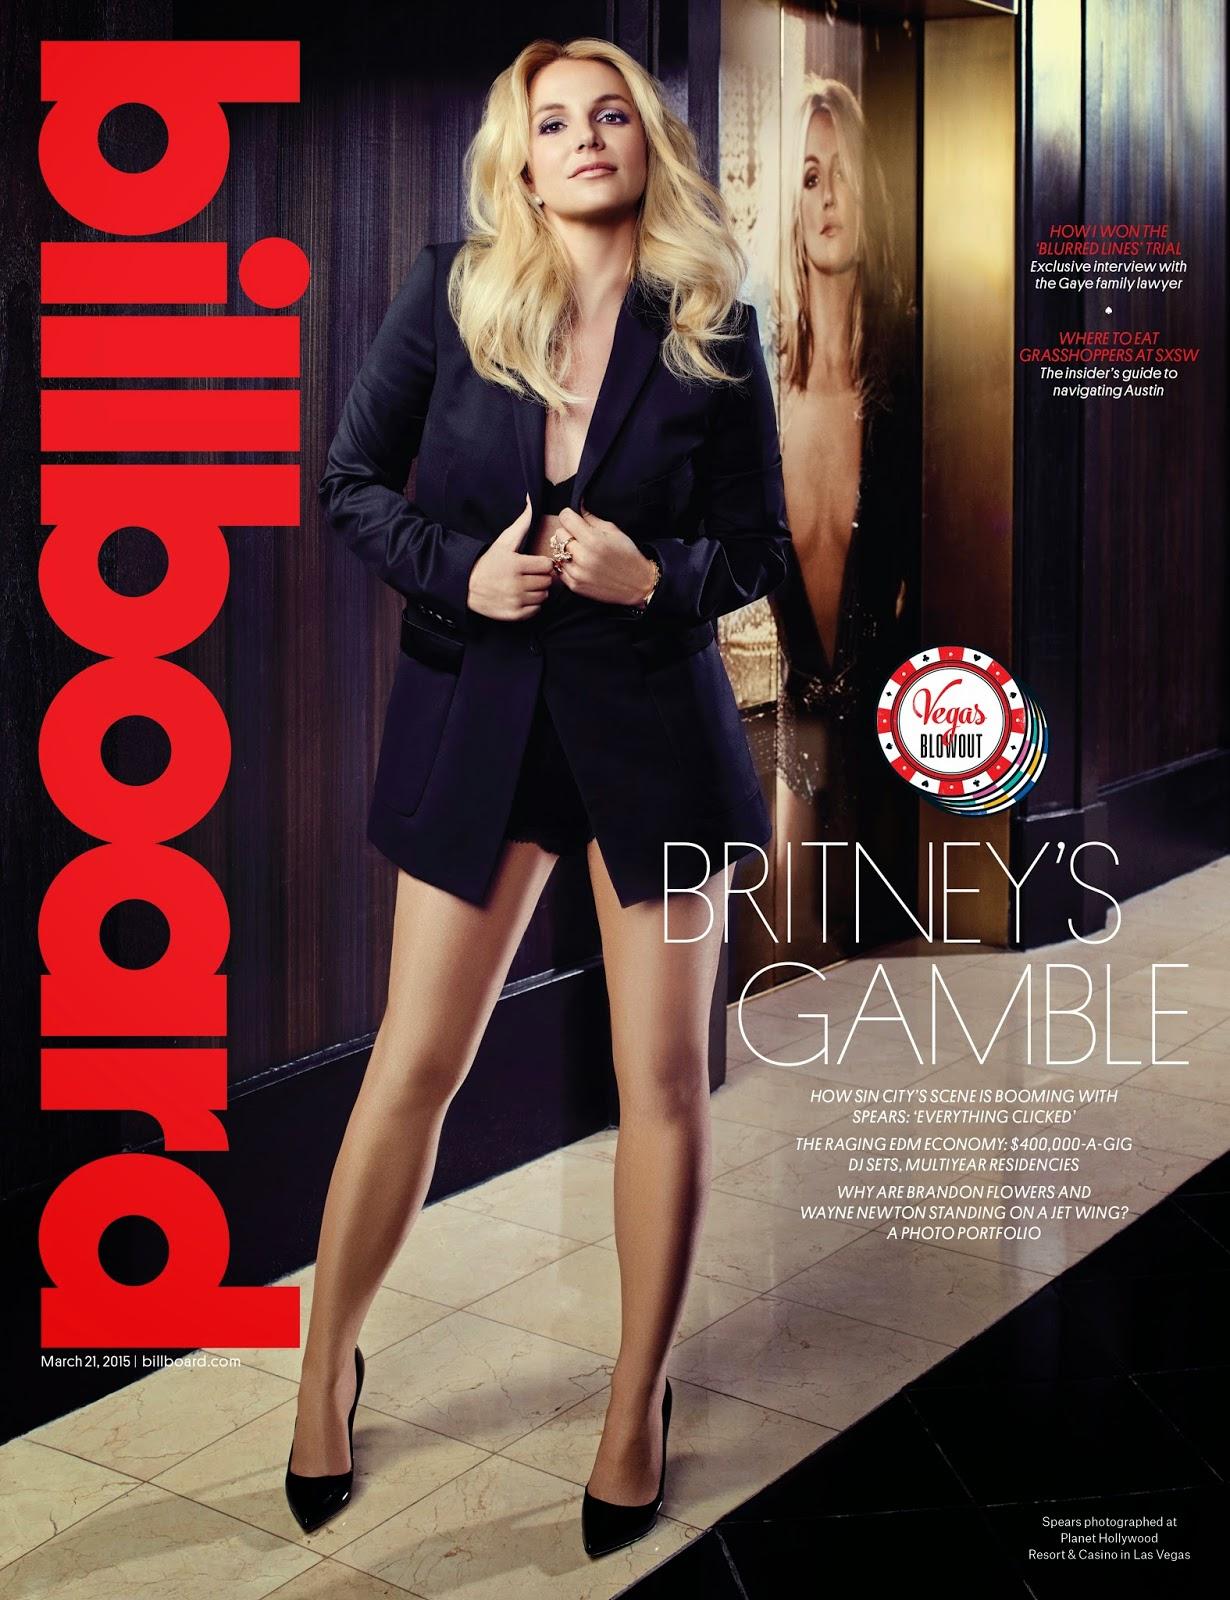 Singer, Dancer, Actress @ Britney Spears - Billboard Magazine March 2015